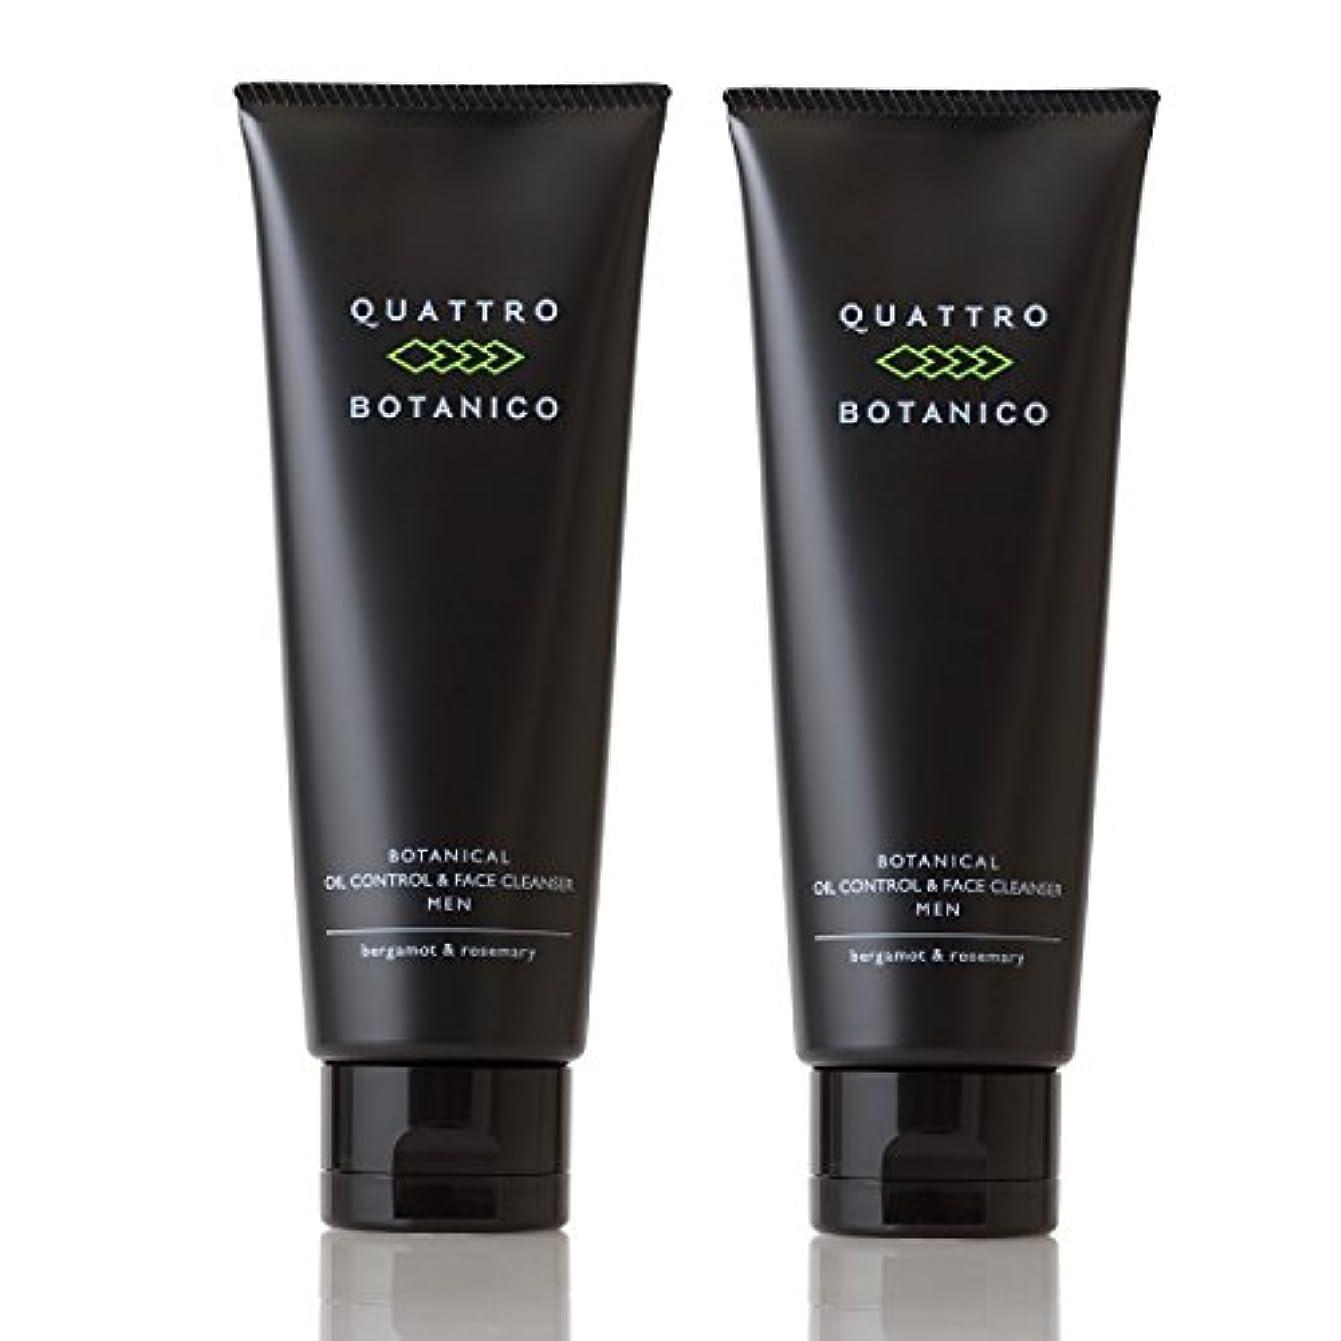 プレミアム馬鹿国歌クワトロボタニコ (QUATTRO BOTANICO) 【 メンズ 洗顔 】 ボタニカル オイルコントロール & フェイスクレンザー (男性 スキンケア) 《お得な2本セット》 120g × 2本